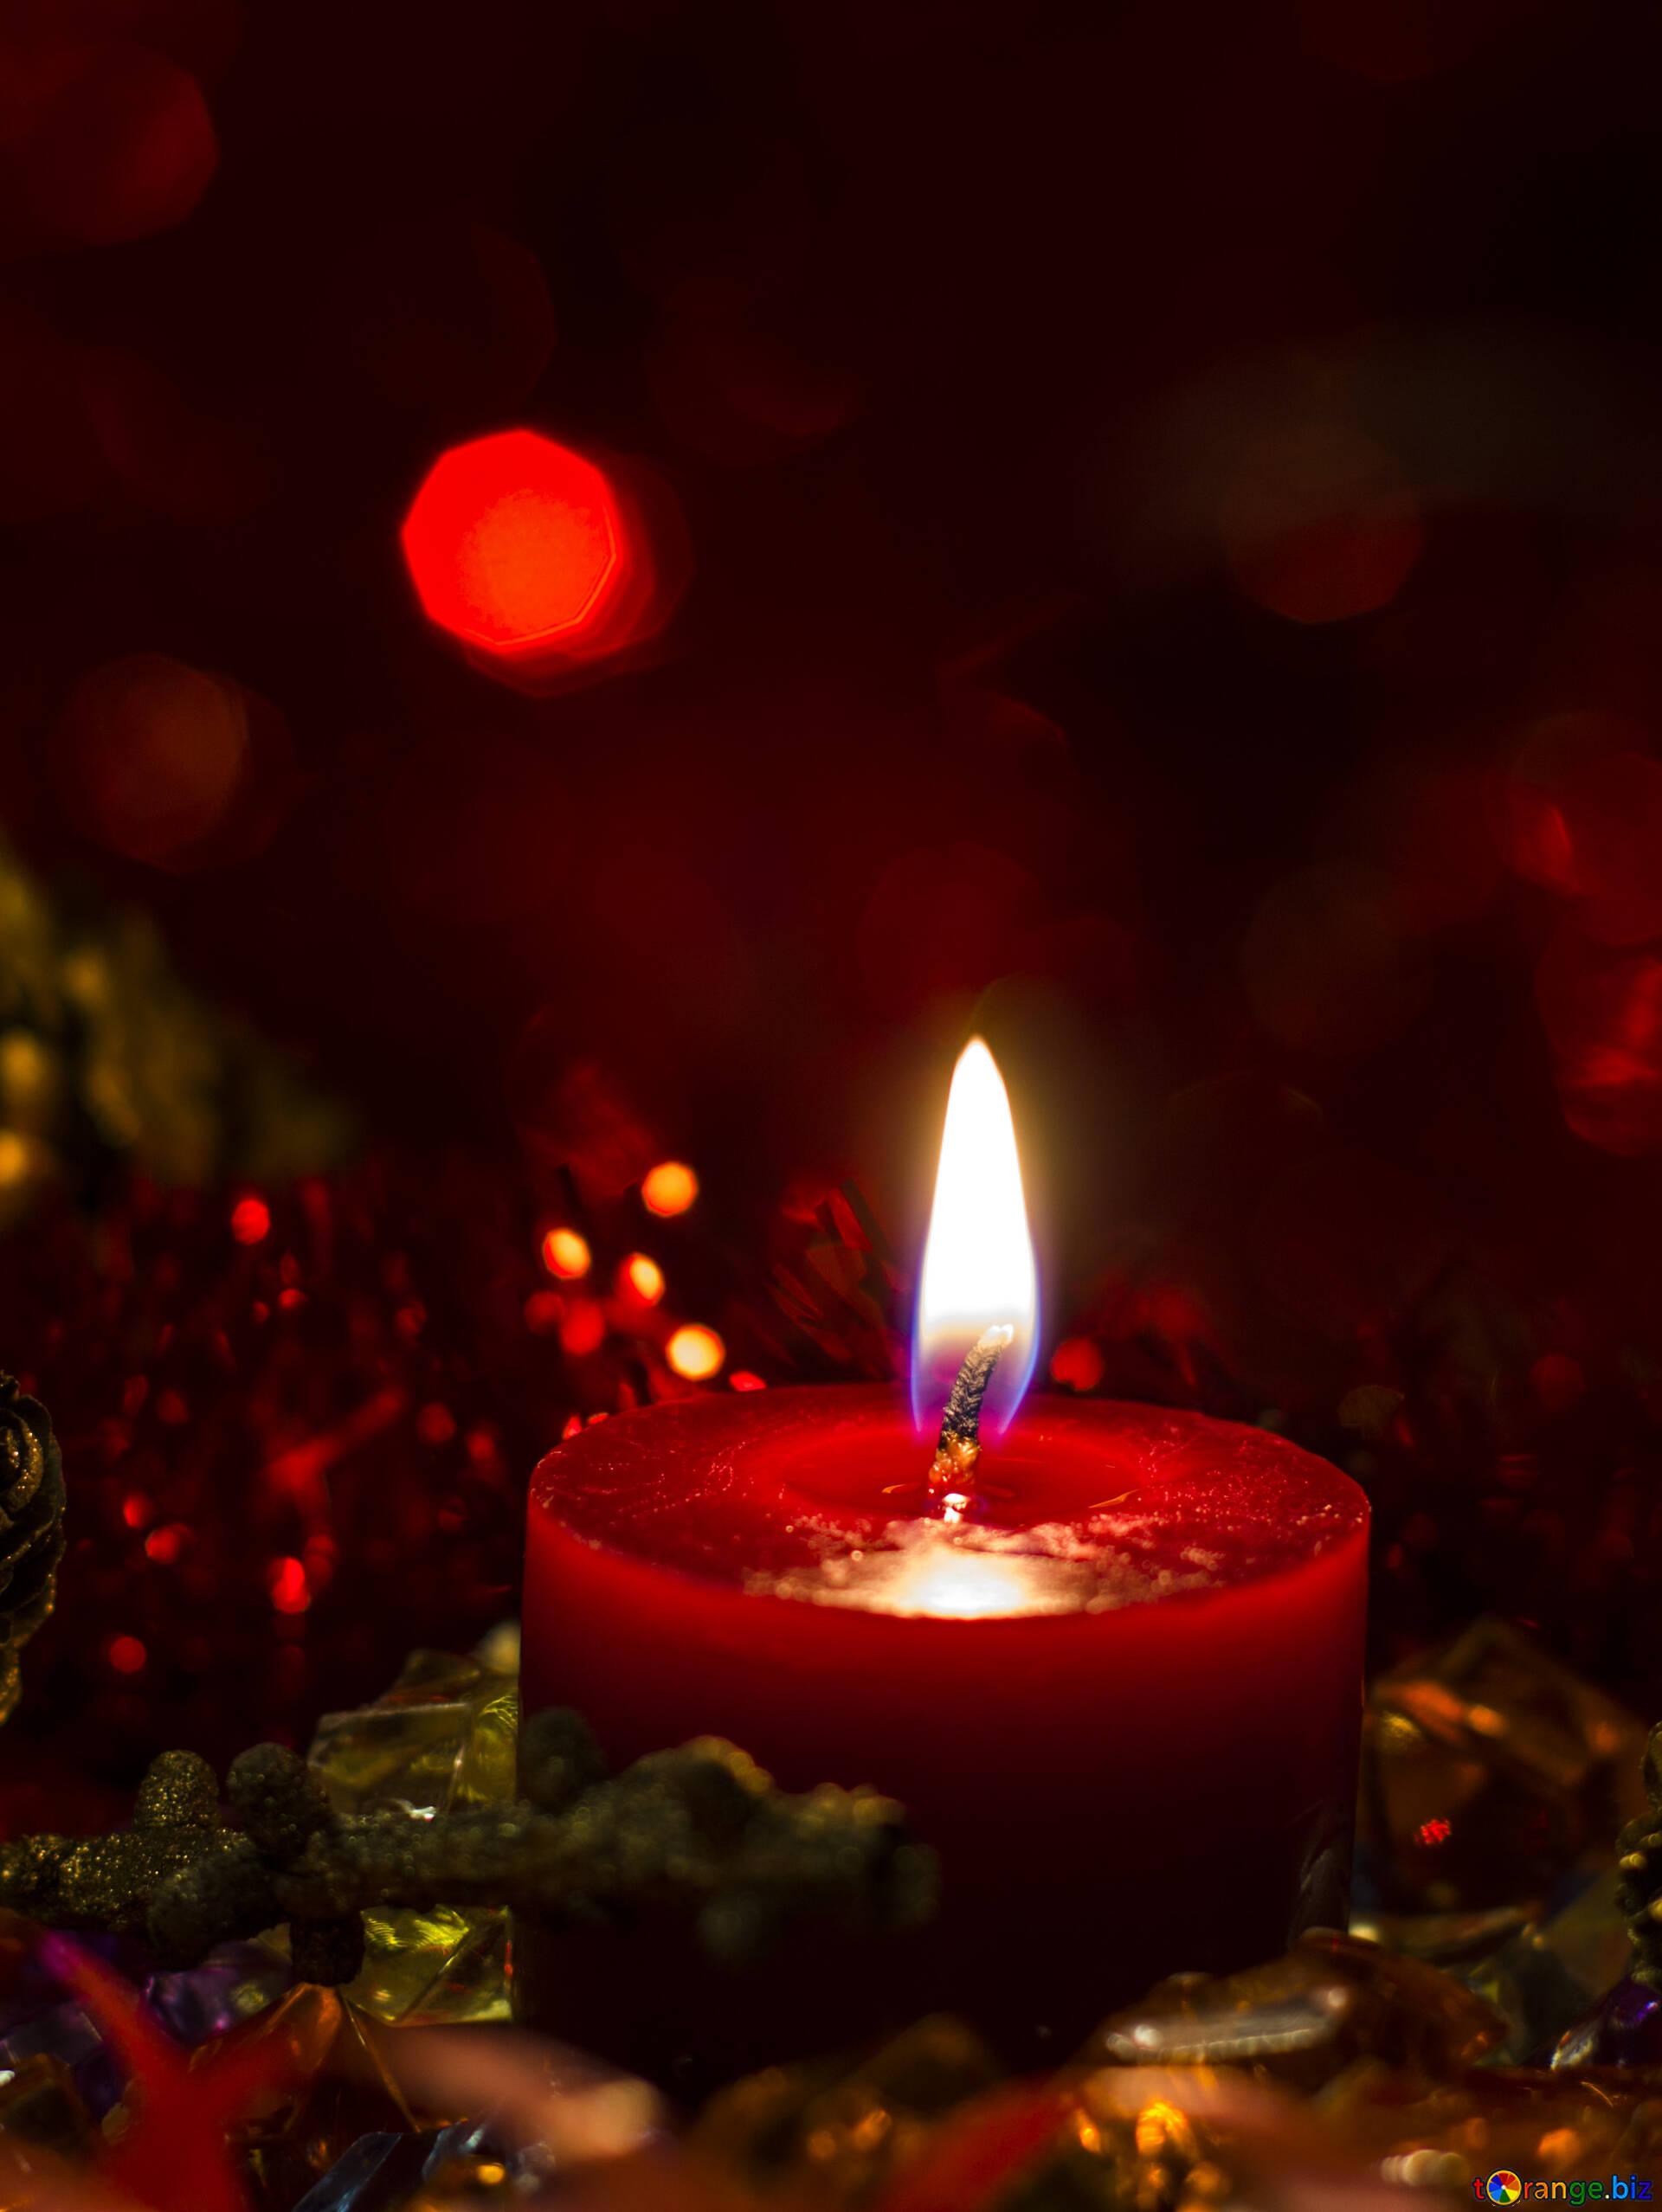 Frohes neues jahr und frohe weihnachten frohes neues jahr winter № 15049